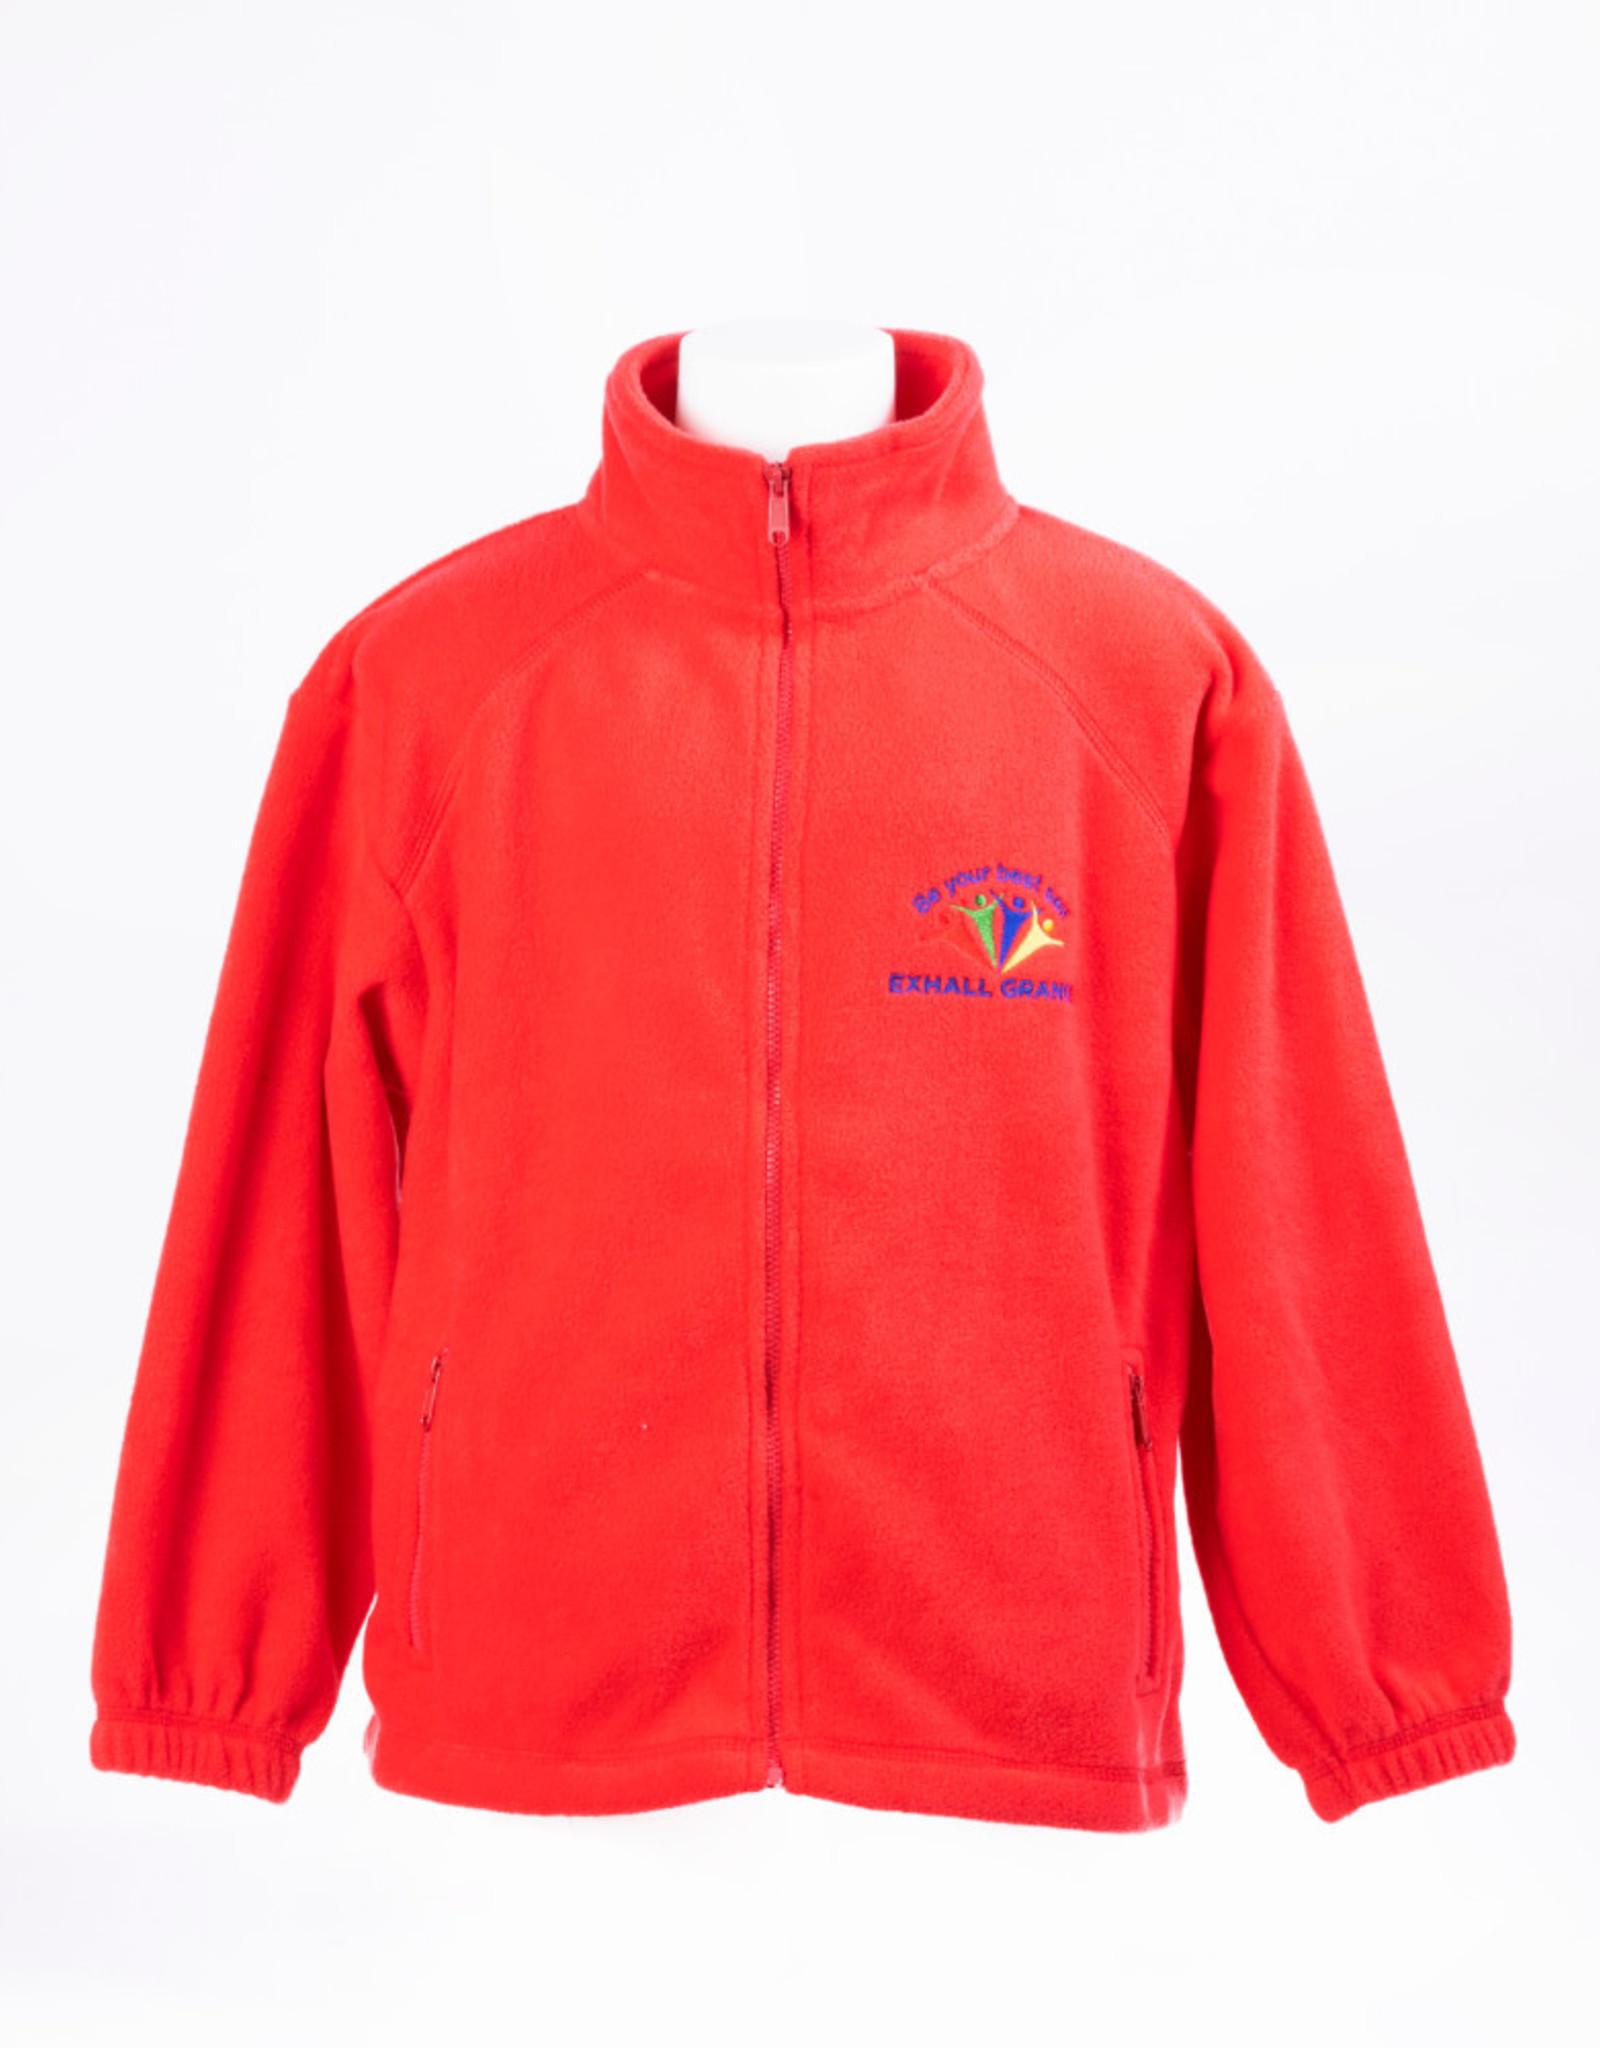 FRUIT OF THE LOOM Micro Fleece Primary Child Size - Exhall Grange